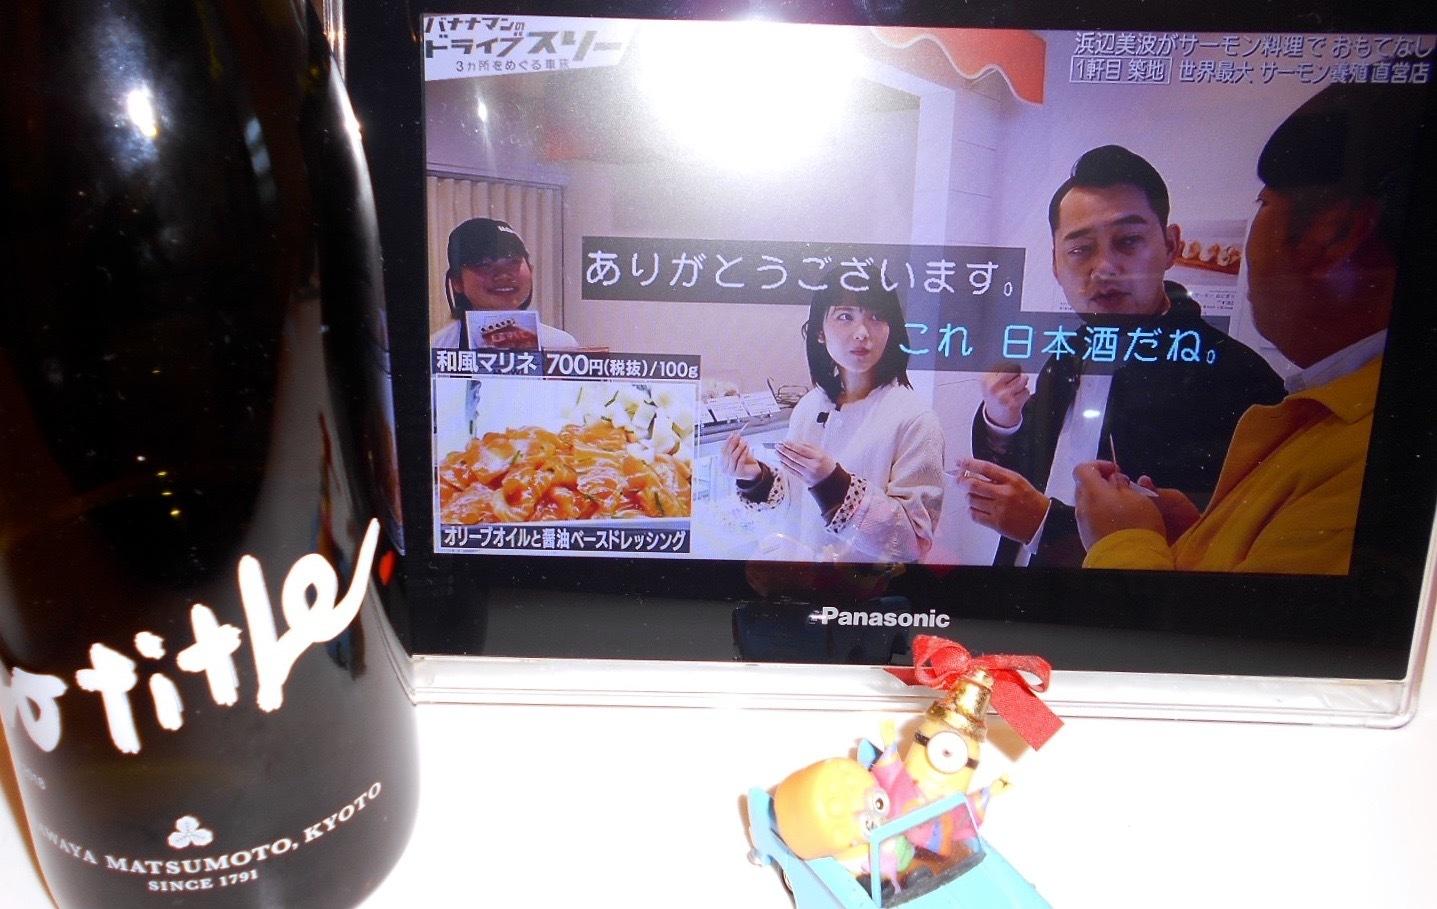 shuhari_no_title2018by9.jpg